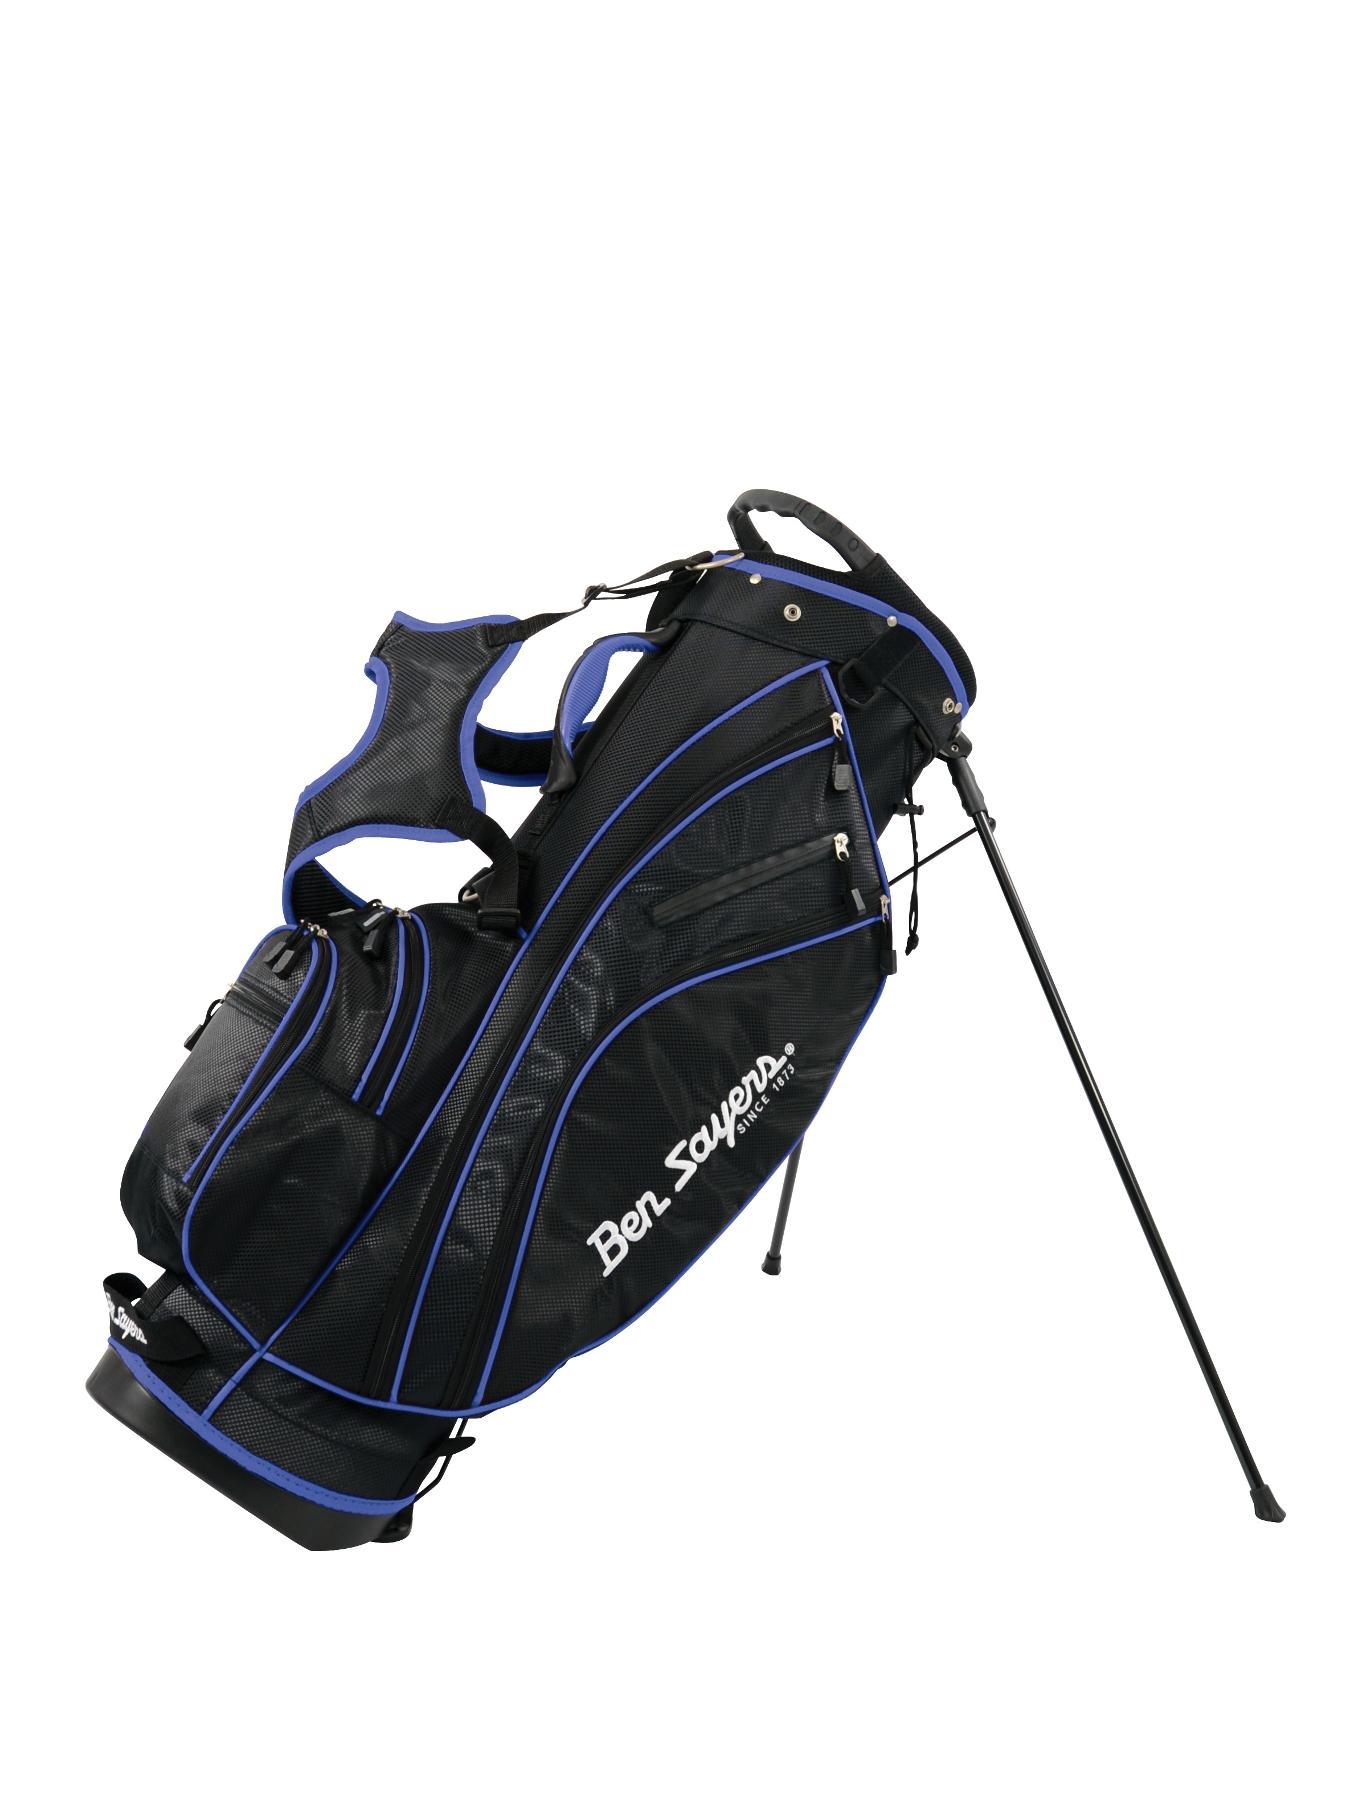 Deluxe Cart Bag, Black